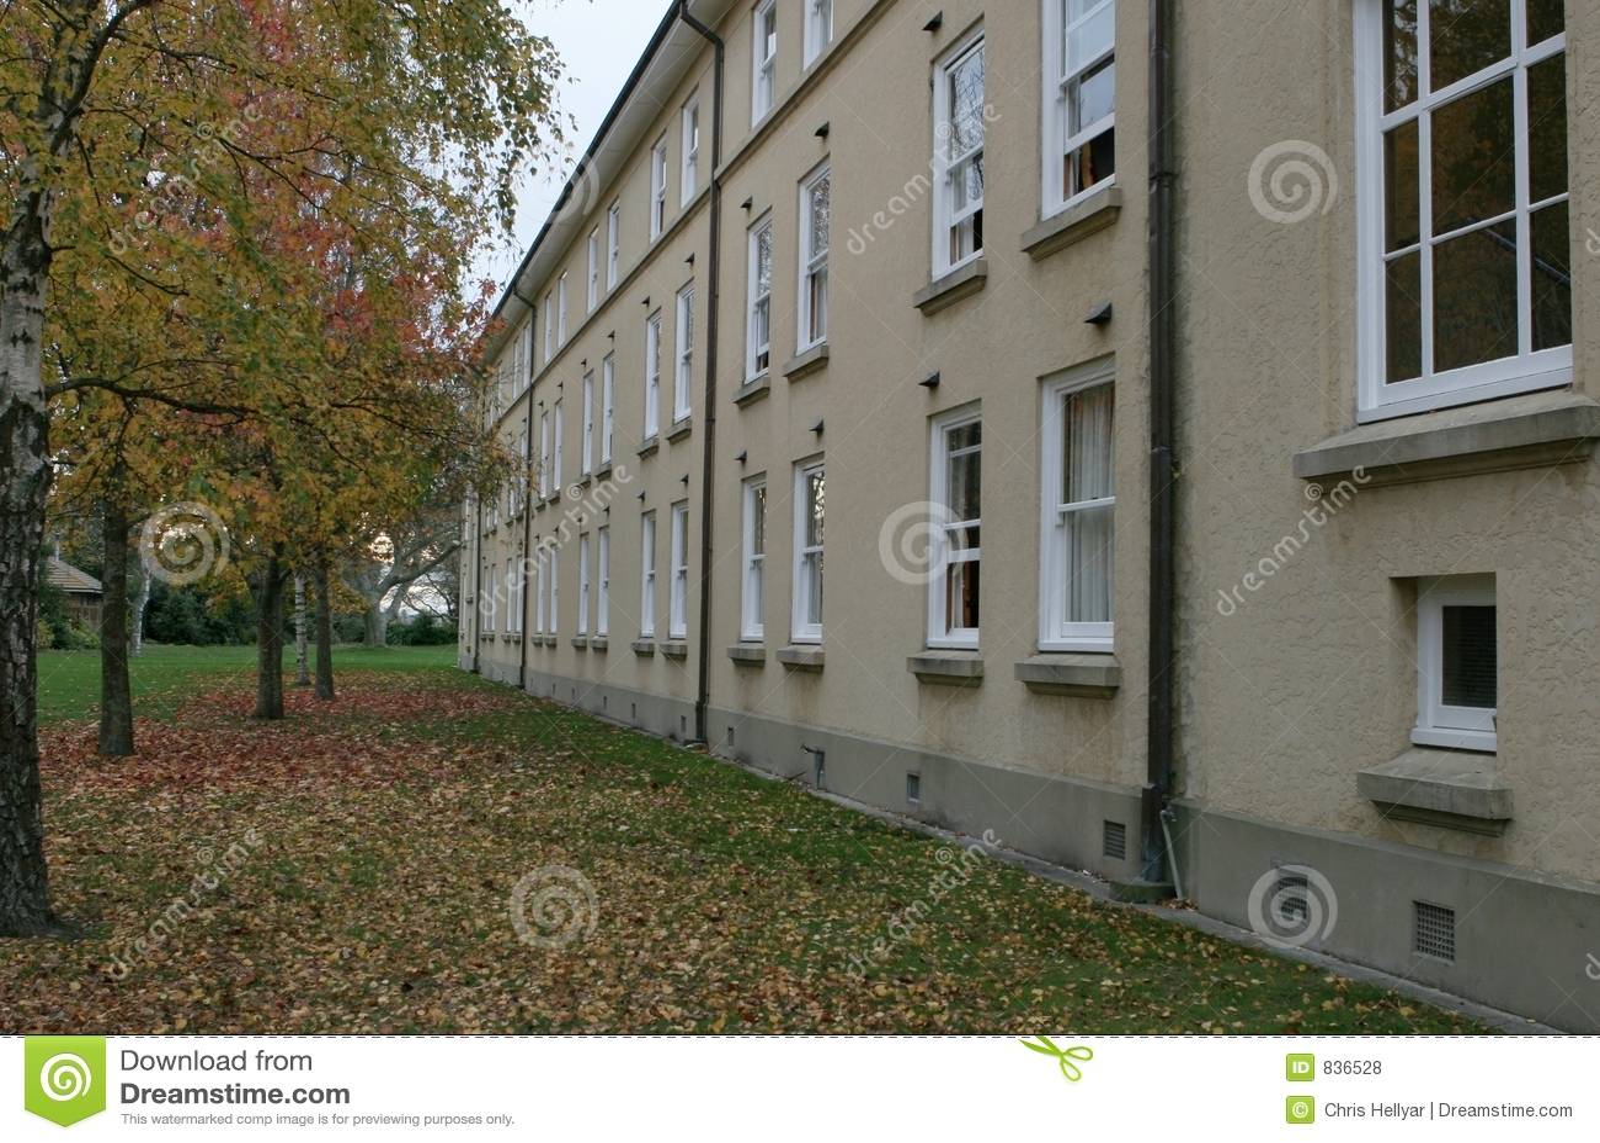 Dorm rooms in Autumn